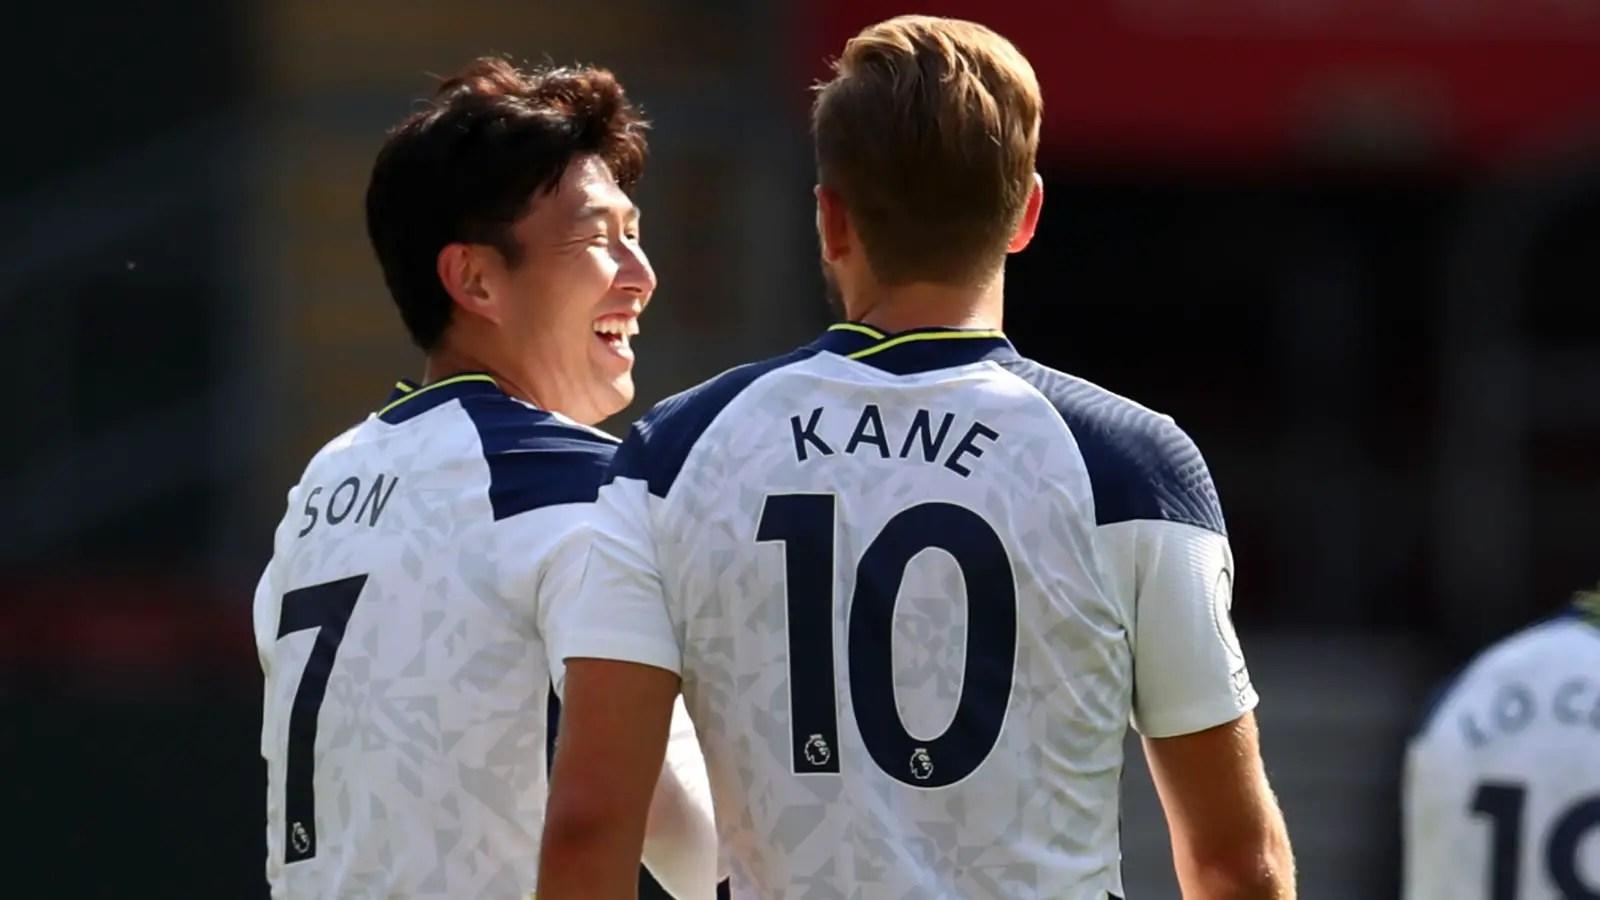 Premier League: Son Scores Four Goals As Spurs Beat Southampton